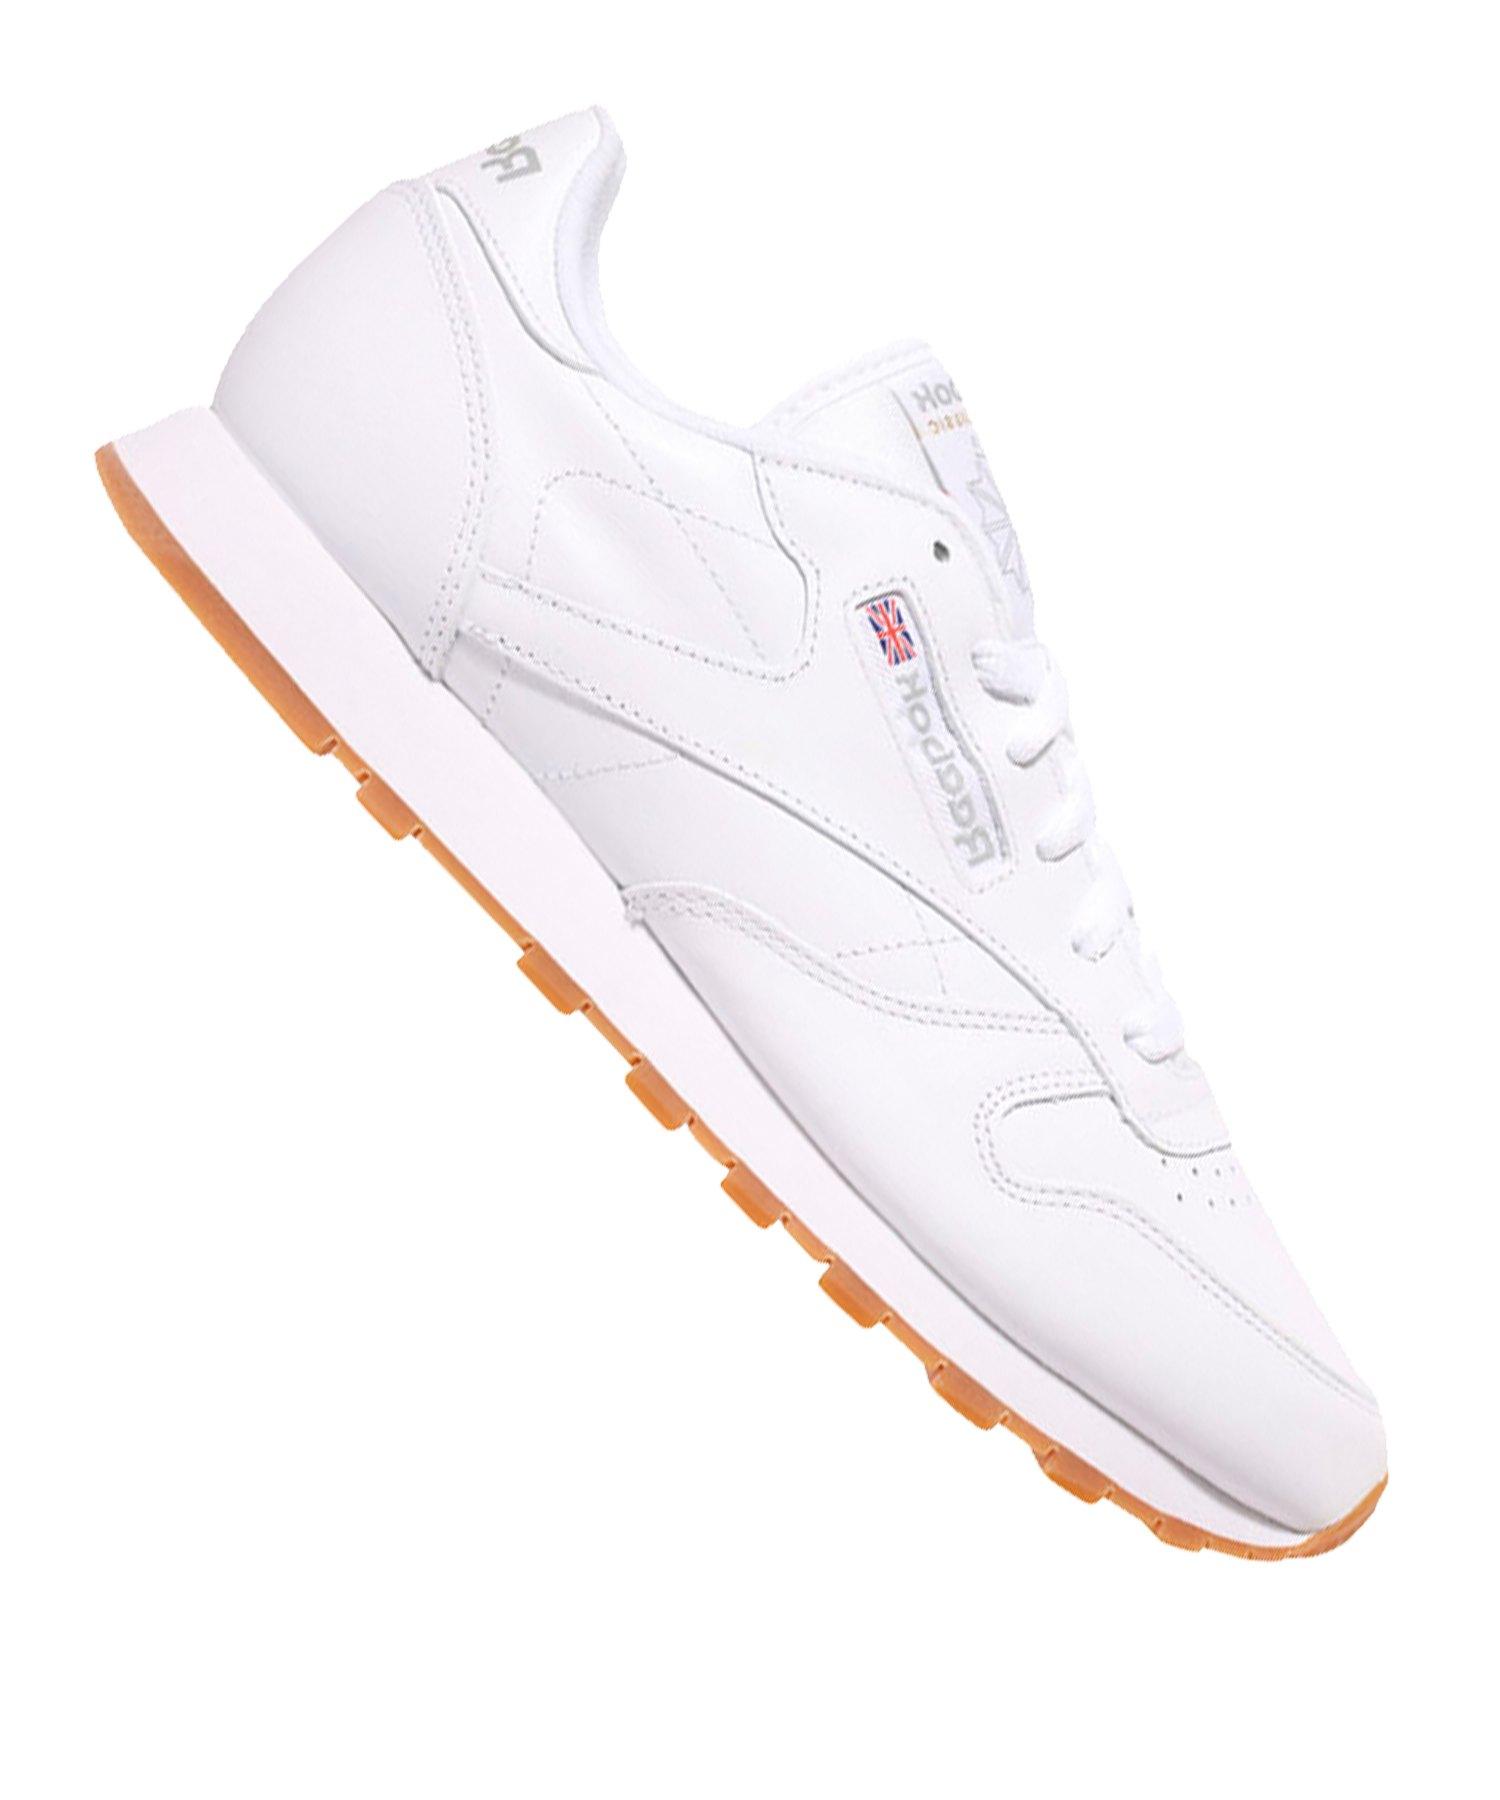 Reebok Damen Schuhe in Weiß | Stylight